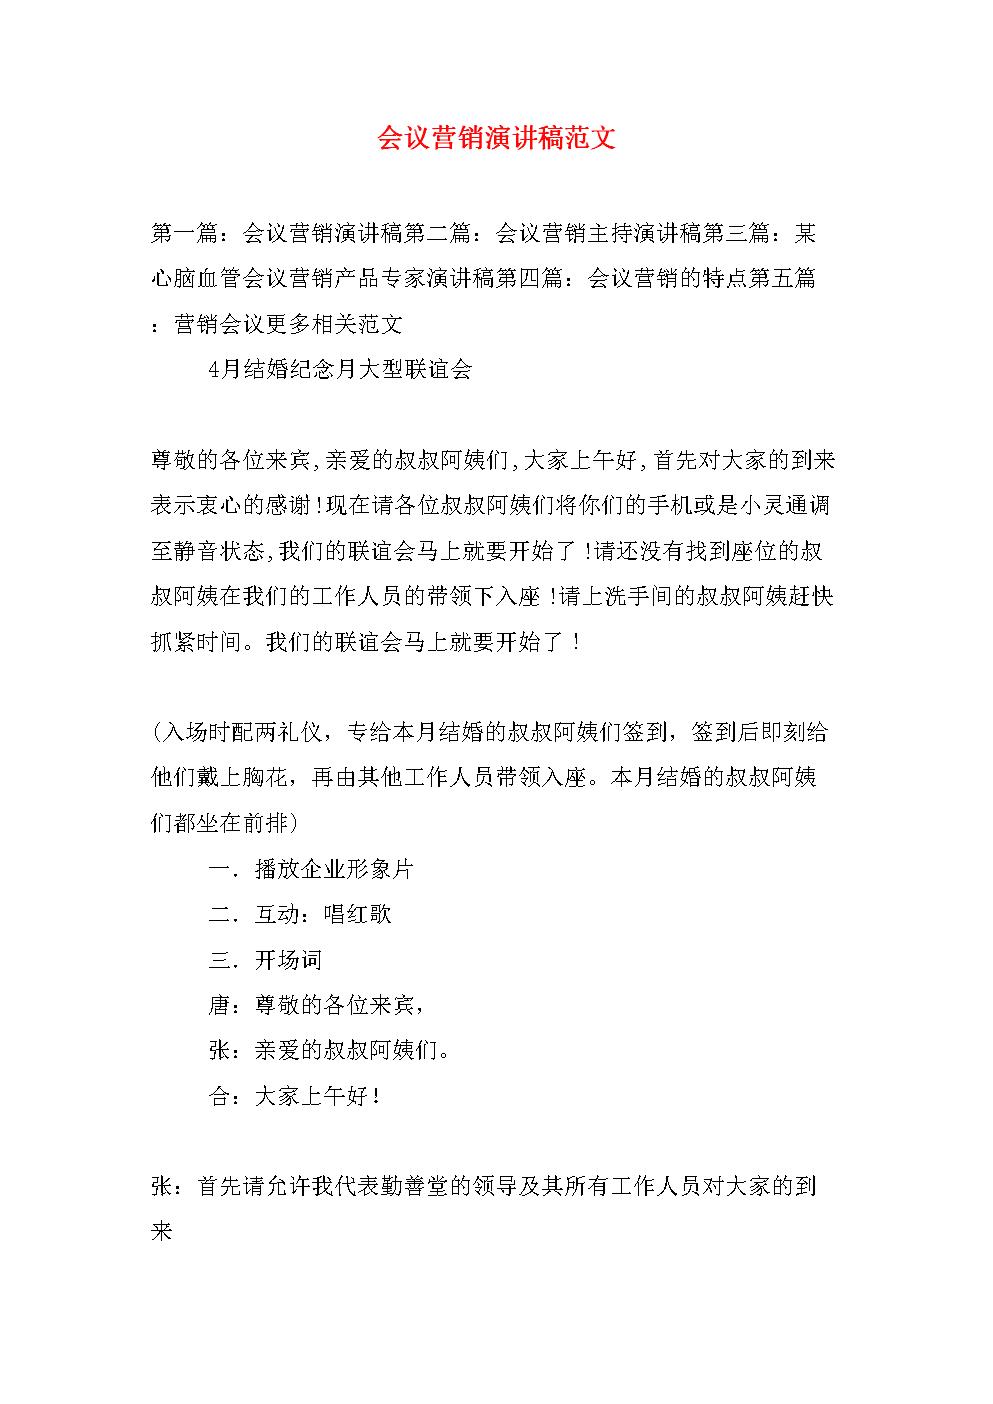 会议营销演讲稿范文.doc